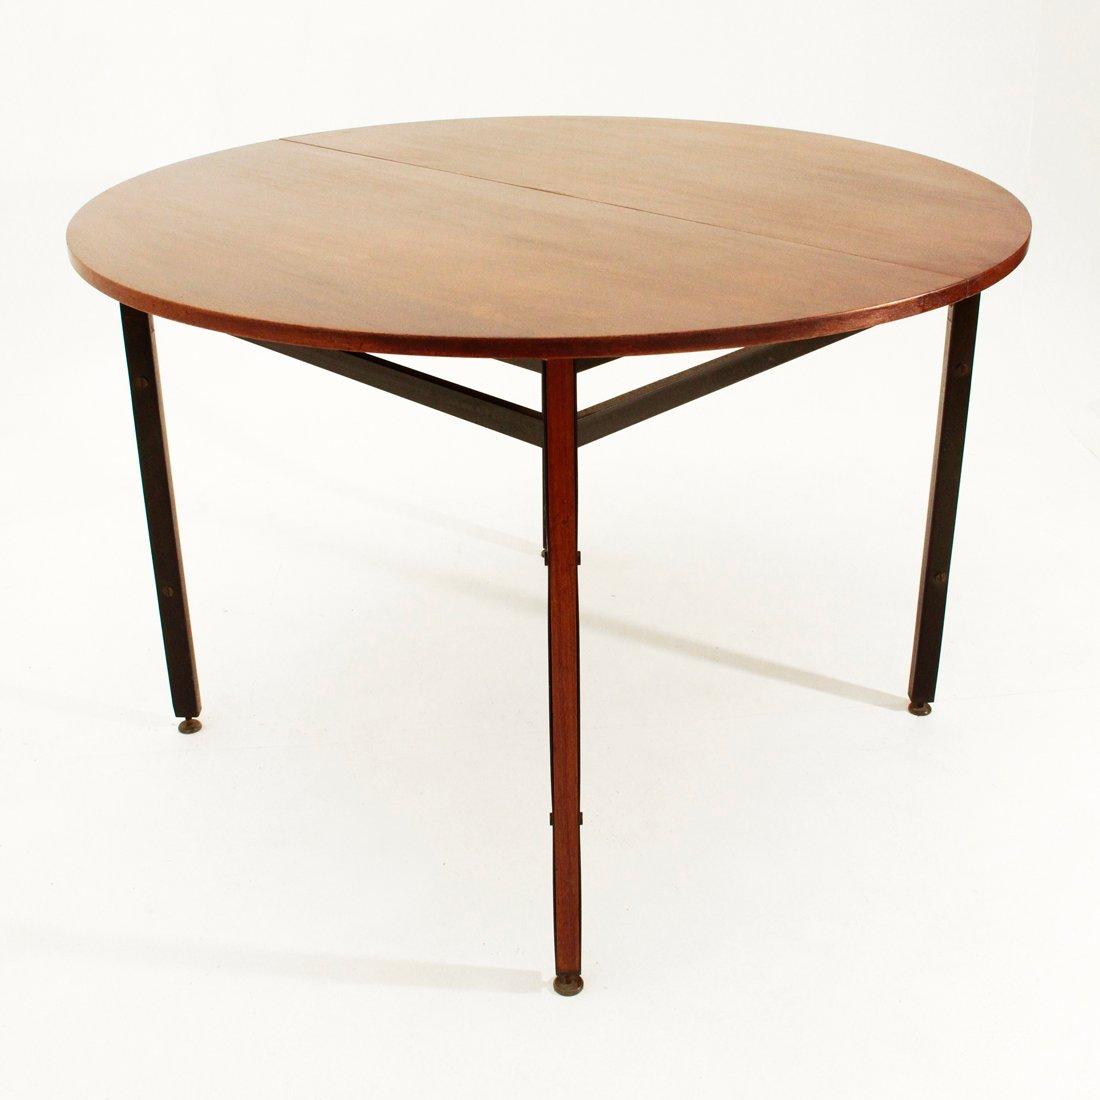 runder teak furnier esstisch 1950er bei pamono kaufen. Black Bedroom Furniture Sets. Home Design Ideas